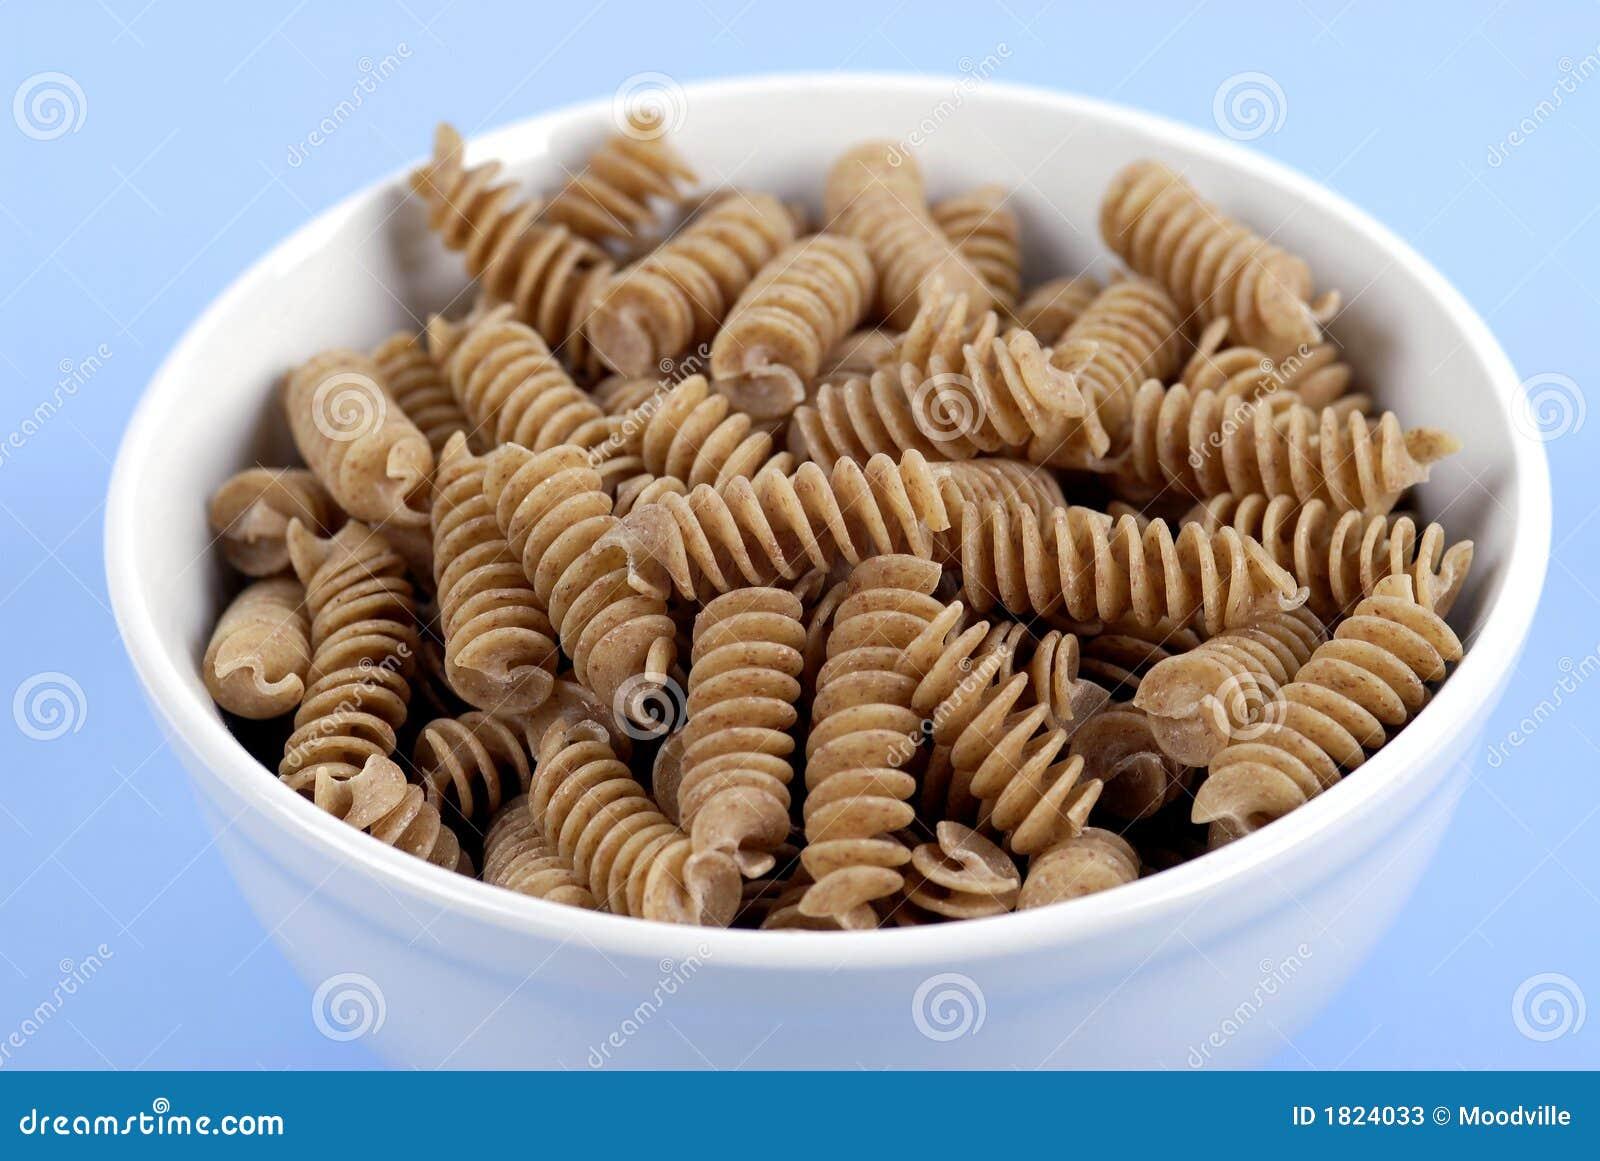 Nourriture - pâtes de blé entier